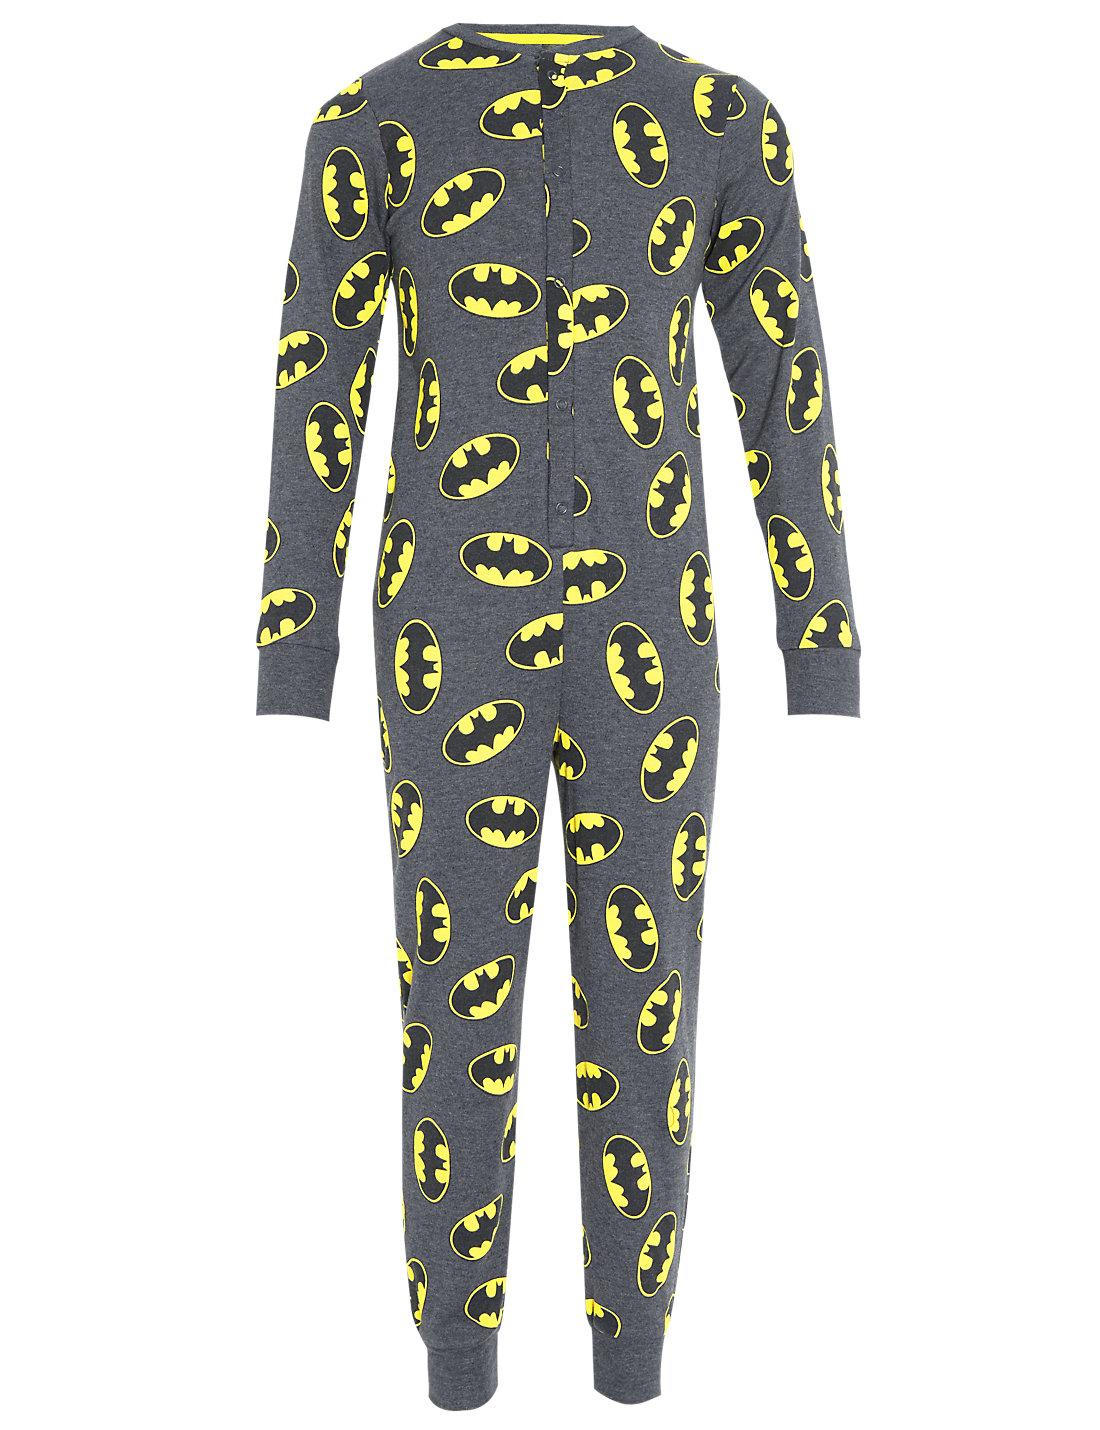 Mens Onesie Costume | Batman Onesie | Batman Footies